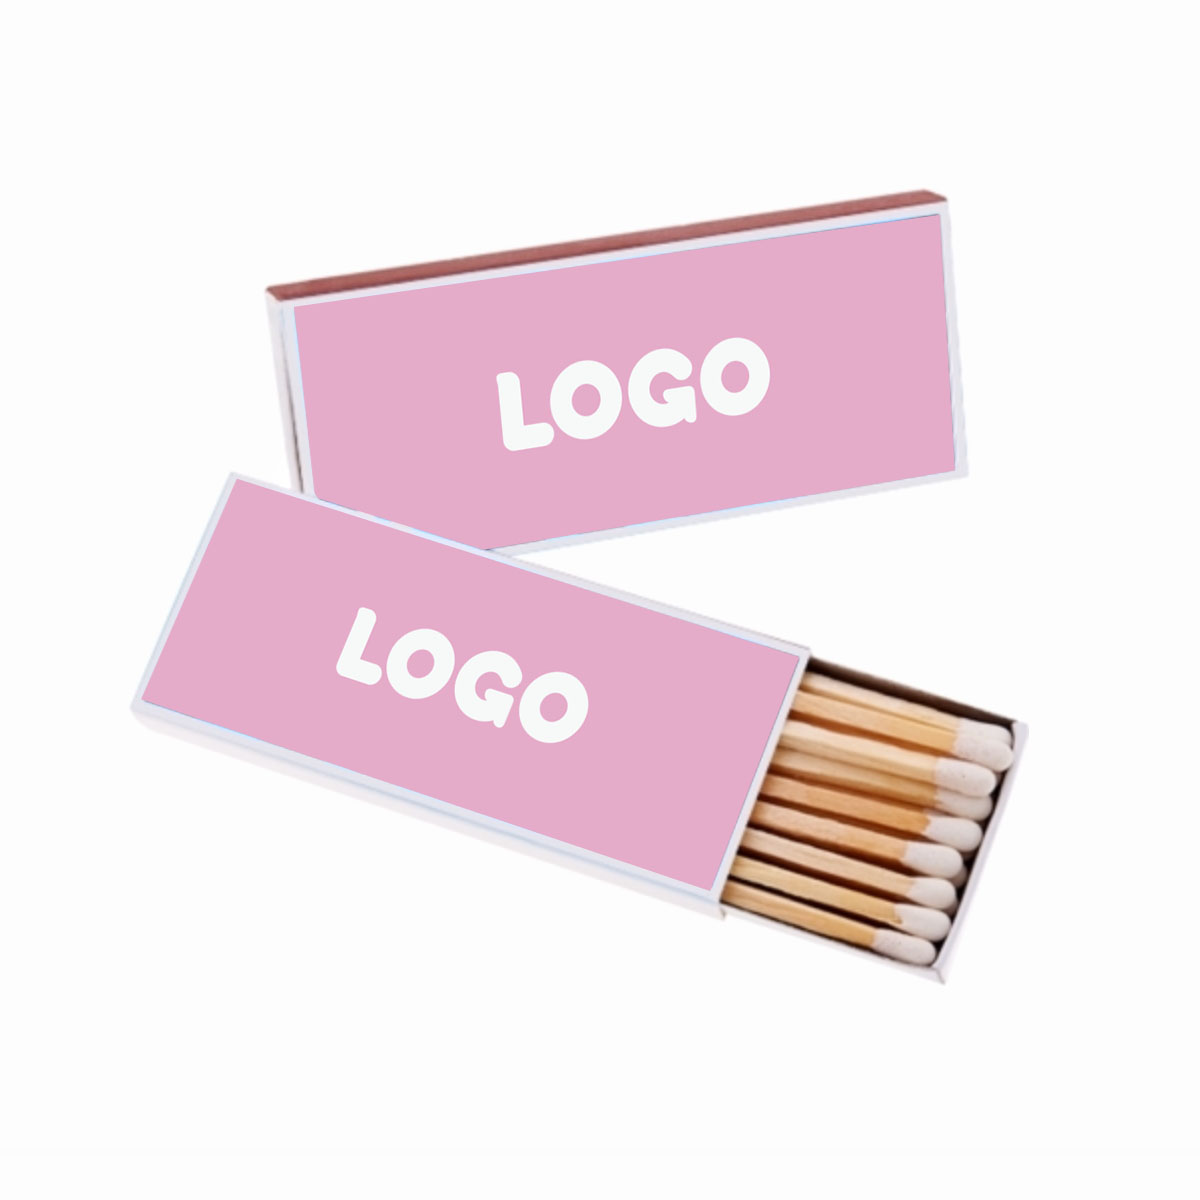 134774 slim matchbox 1 color front and back imprint